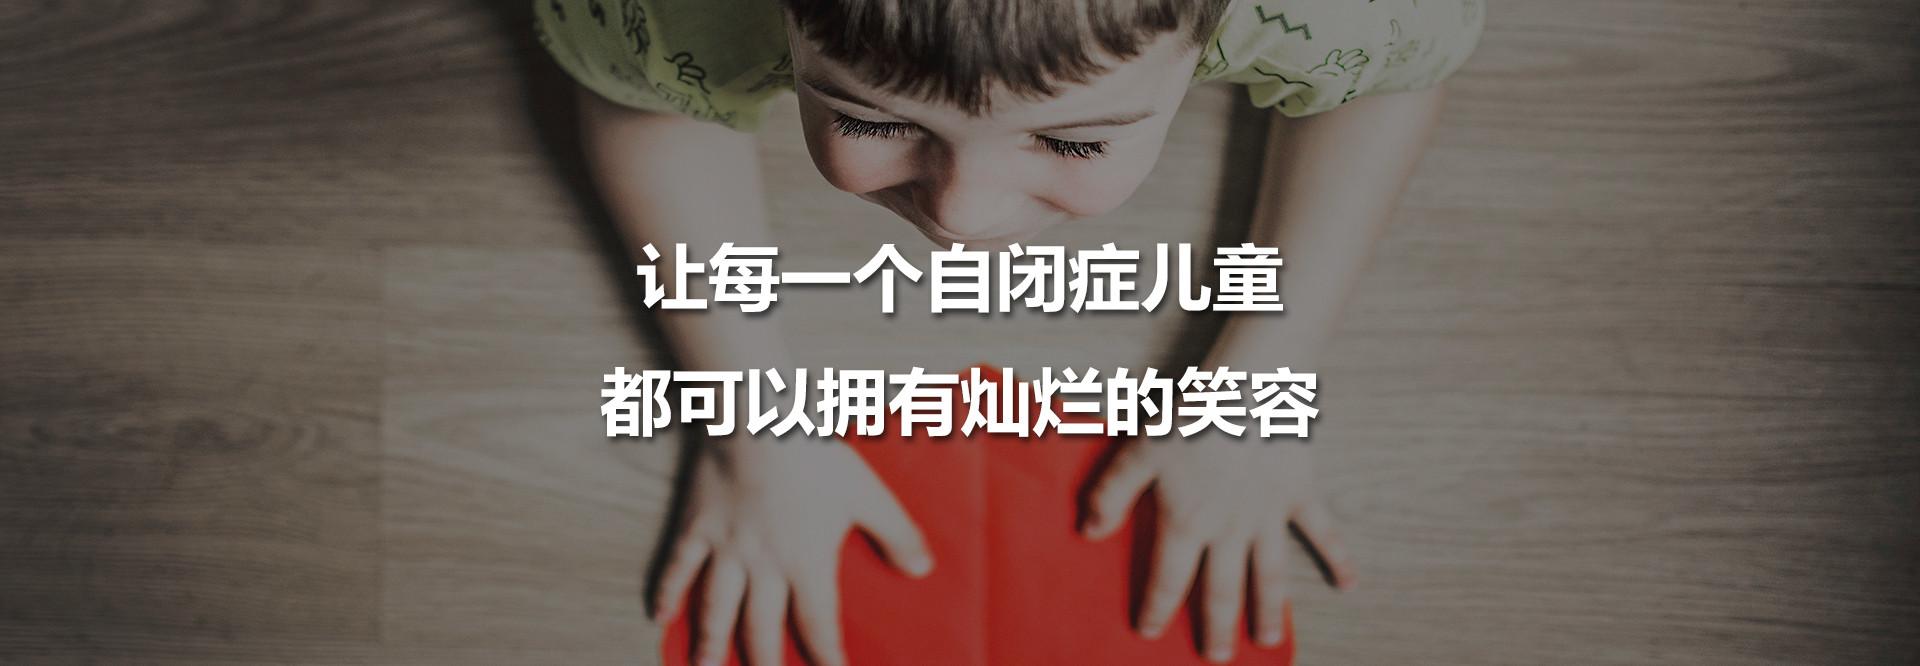 温岭自闭症机构